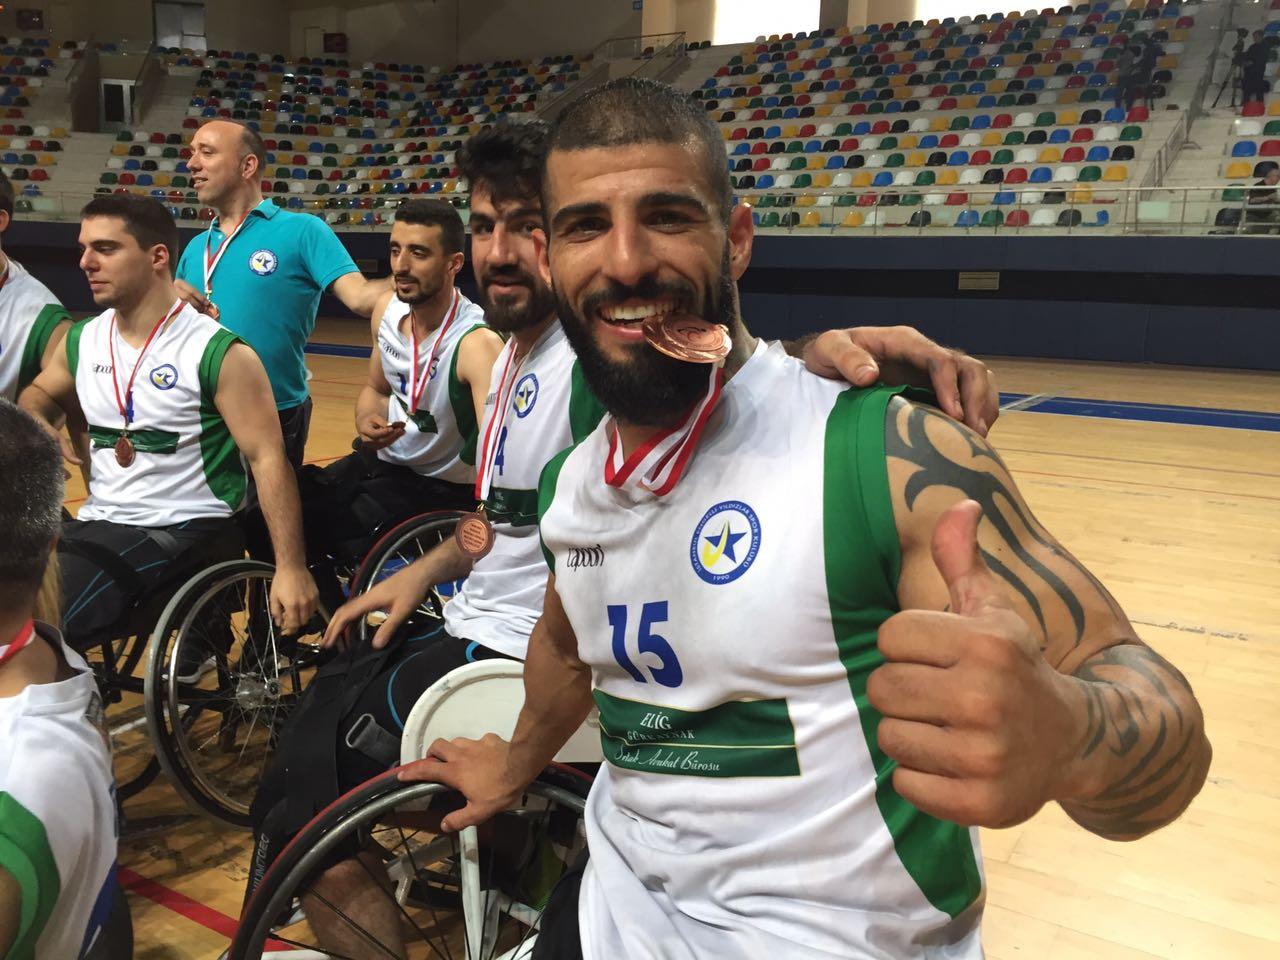 Elig Avukatlık Bürosu Engelli Yıldızlar kupasını aldı